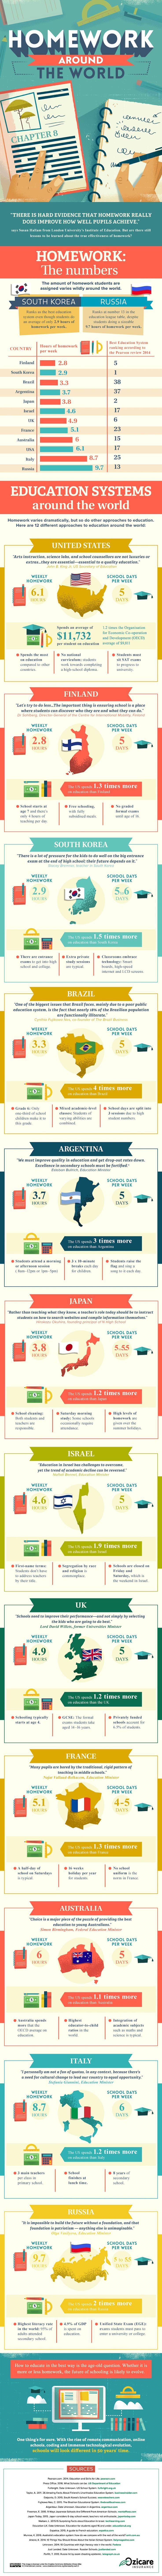 Homework Around The World Infographic - http://elearninginfographics.com/homework-around-the-world-infographic/